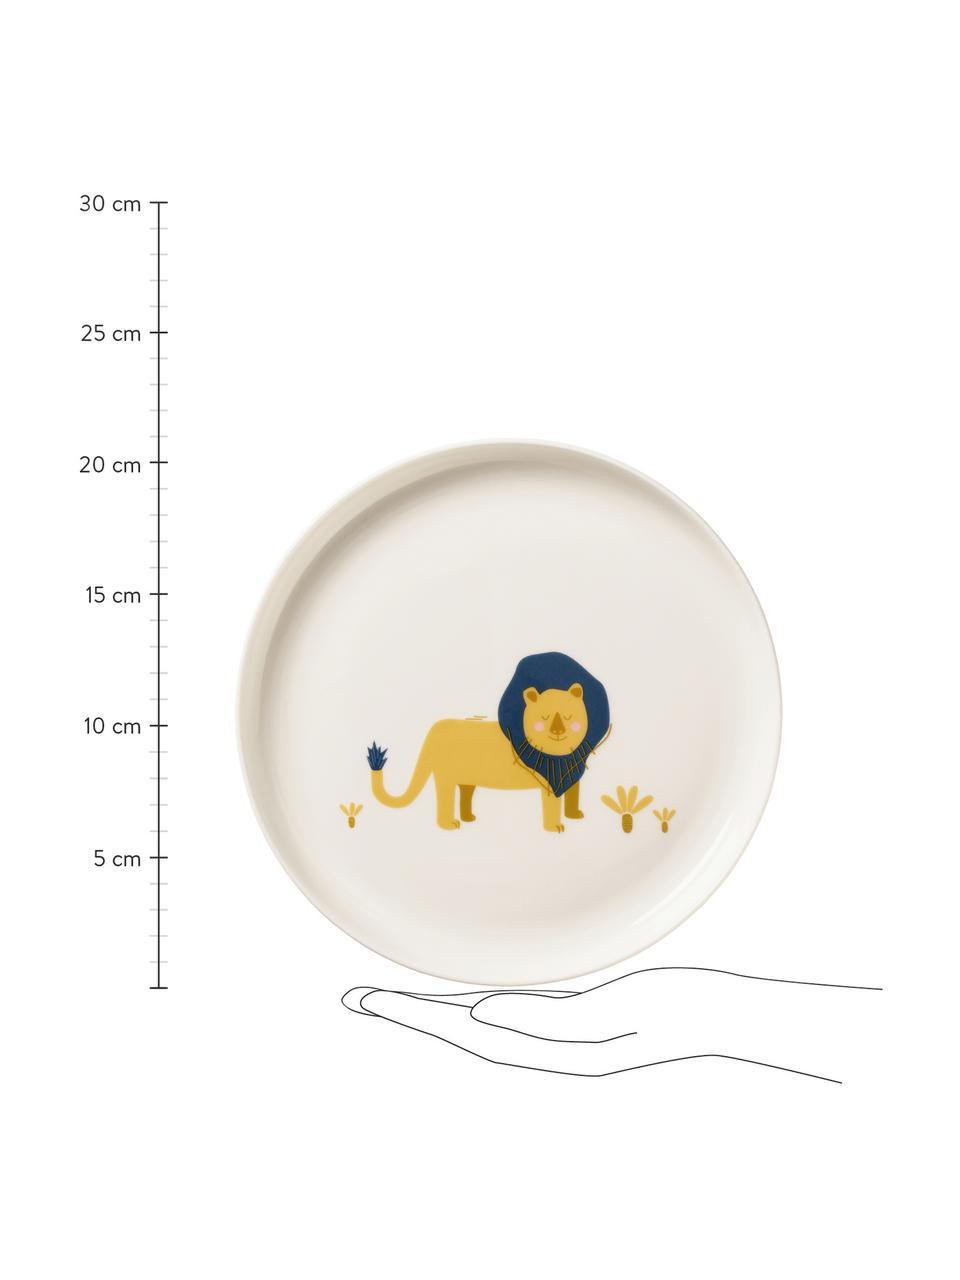 Geschirr-Set Leo Löwe, 5-tlg., Fine Bone China (Porzellan), Weiß, Gelb, Blau, Set mit verschiedenen Größen